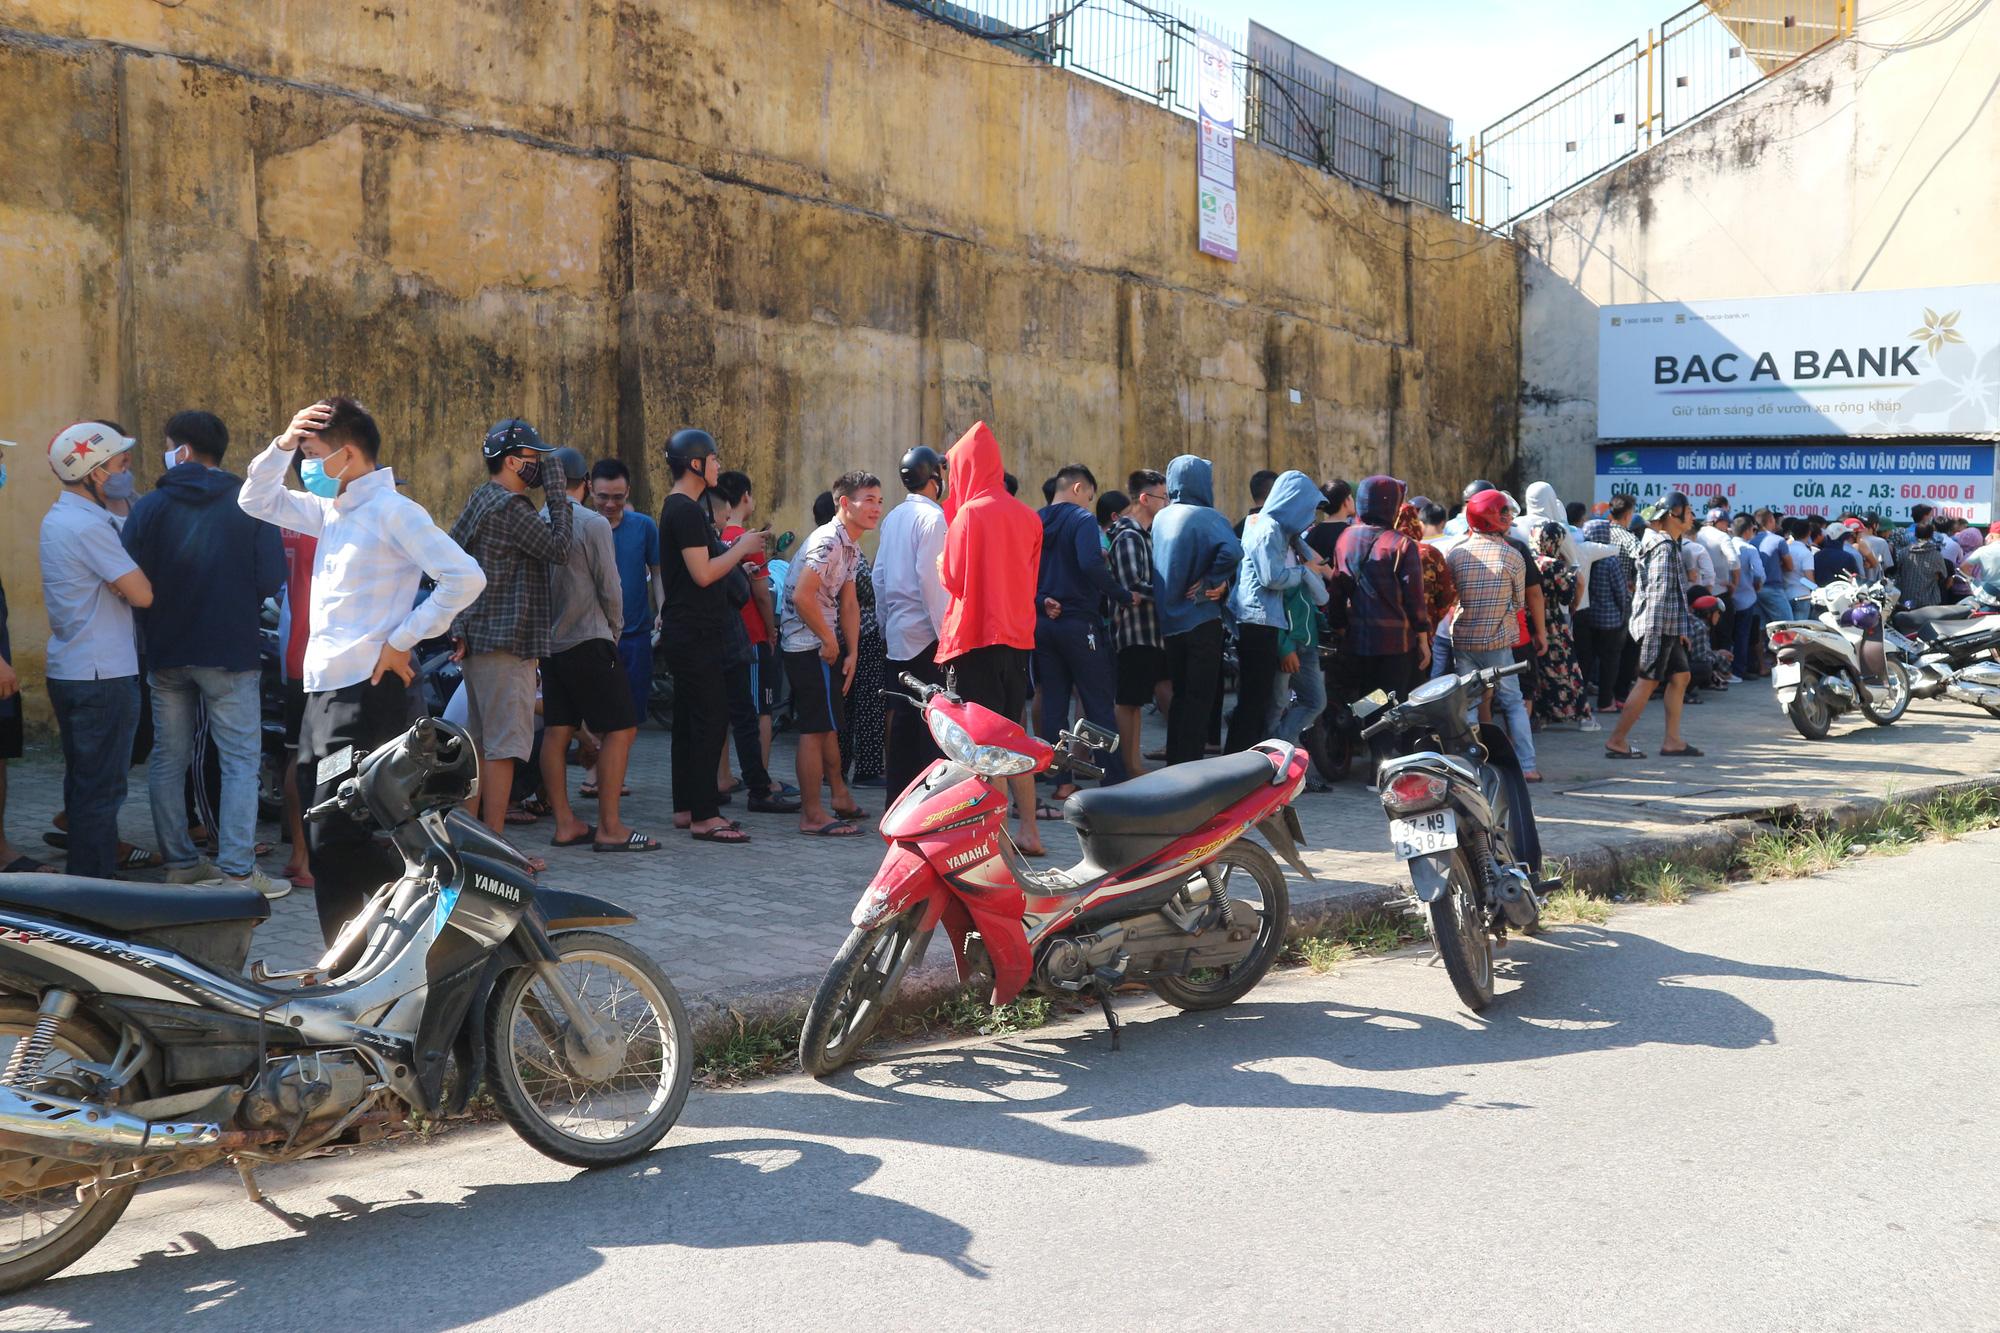 Hàng ngàn cổ động viên xứ Nghệ chen chân mua vé vào sân Vinh - Ảnh 6.